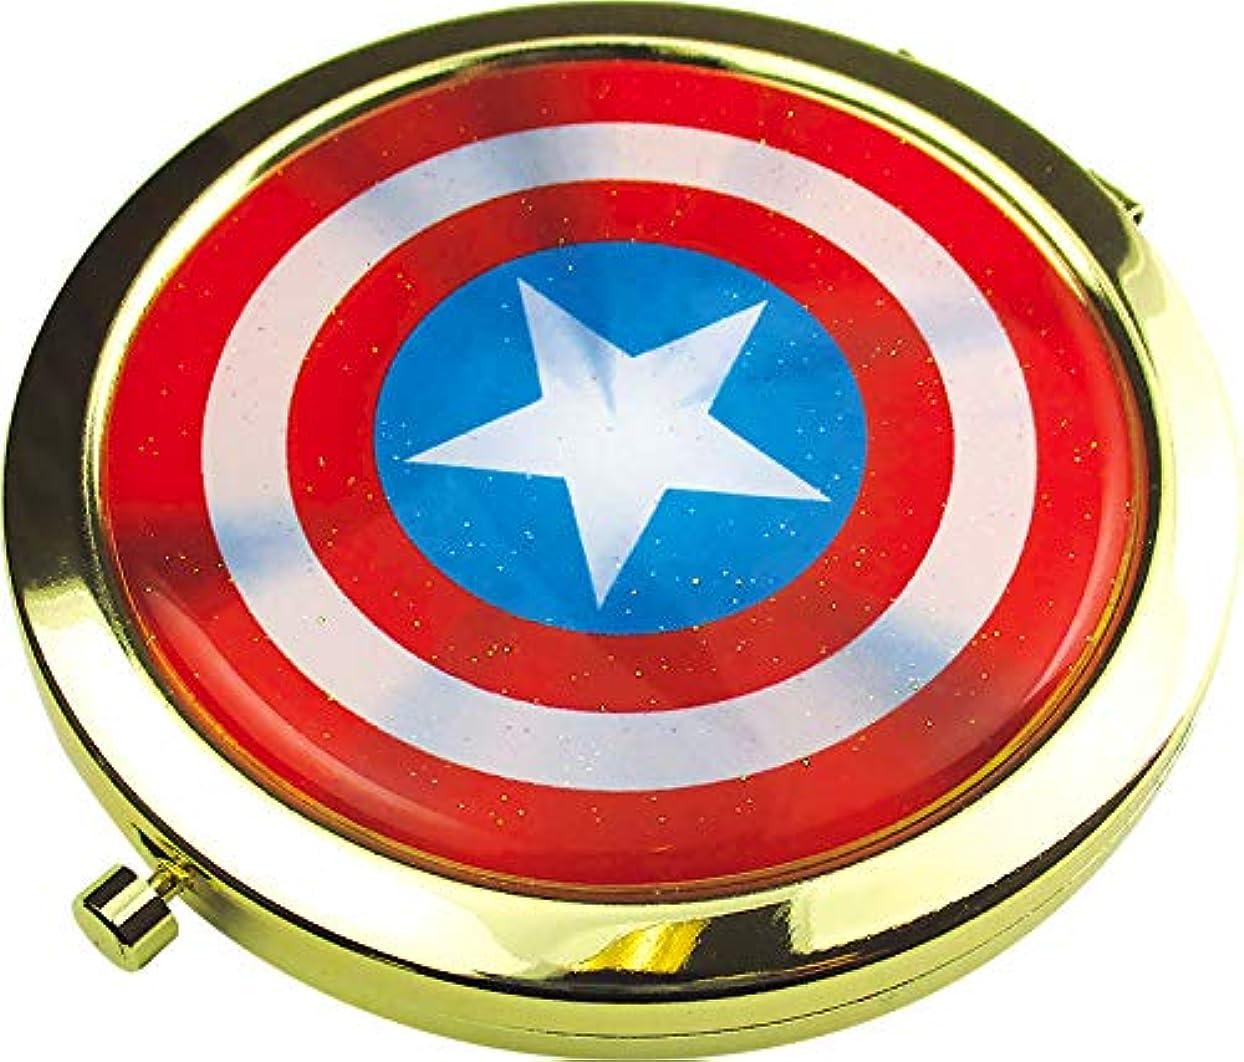 指導する宣言する俳句ティーズファクトリー 鏡 マーベル キャプテン?アメリカ Wコンパクトミラー MV-5537052CA